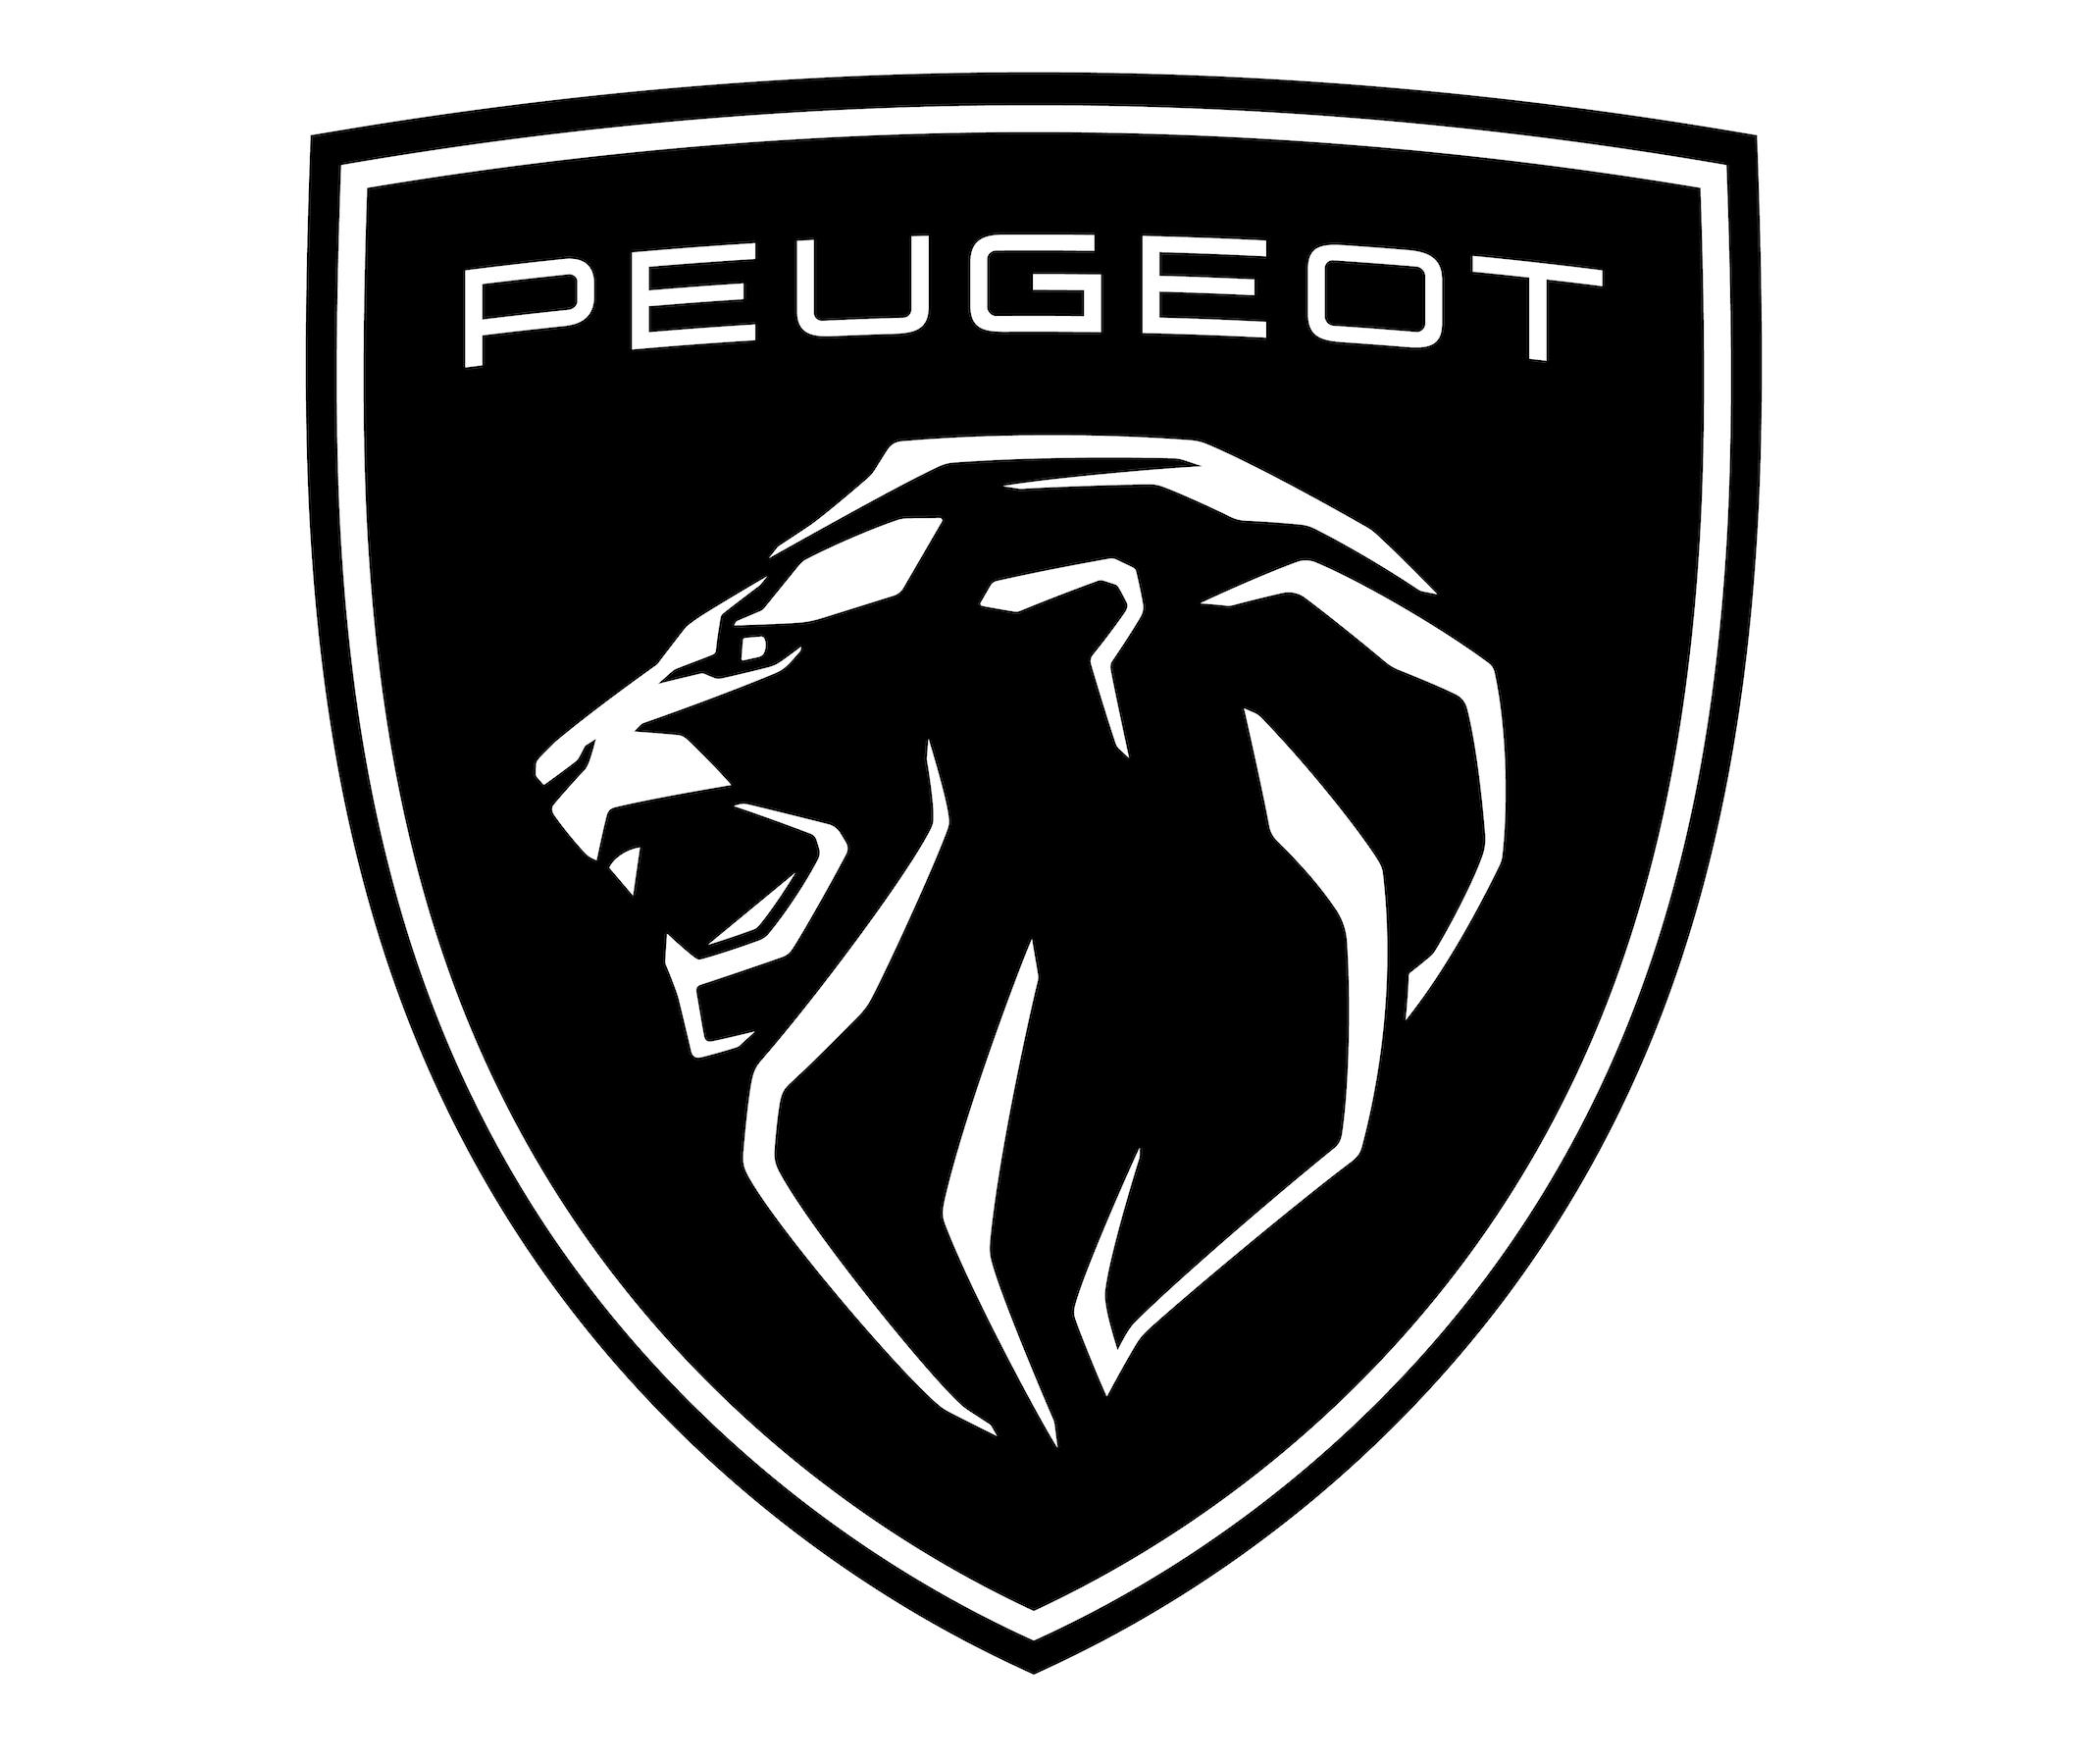 Peugeot-Motocyles-Logo-WBG-RVB